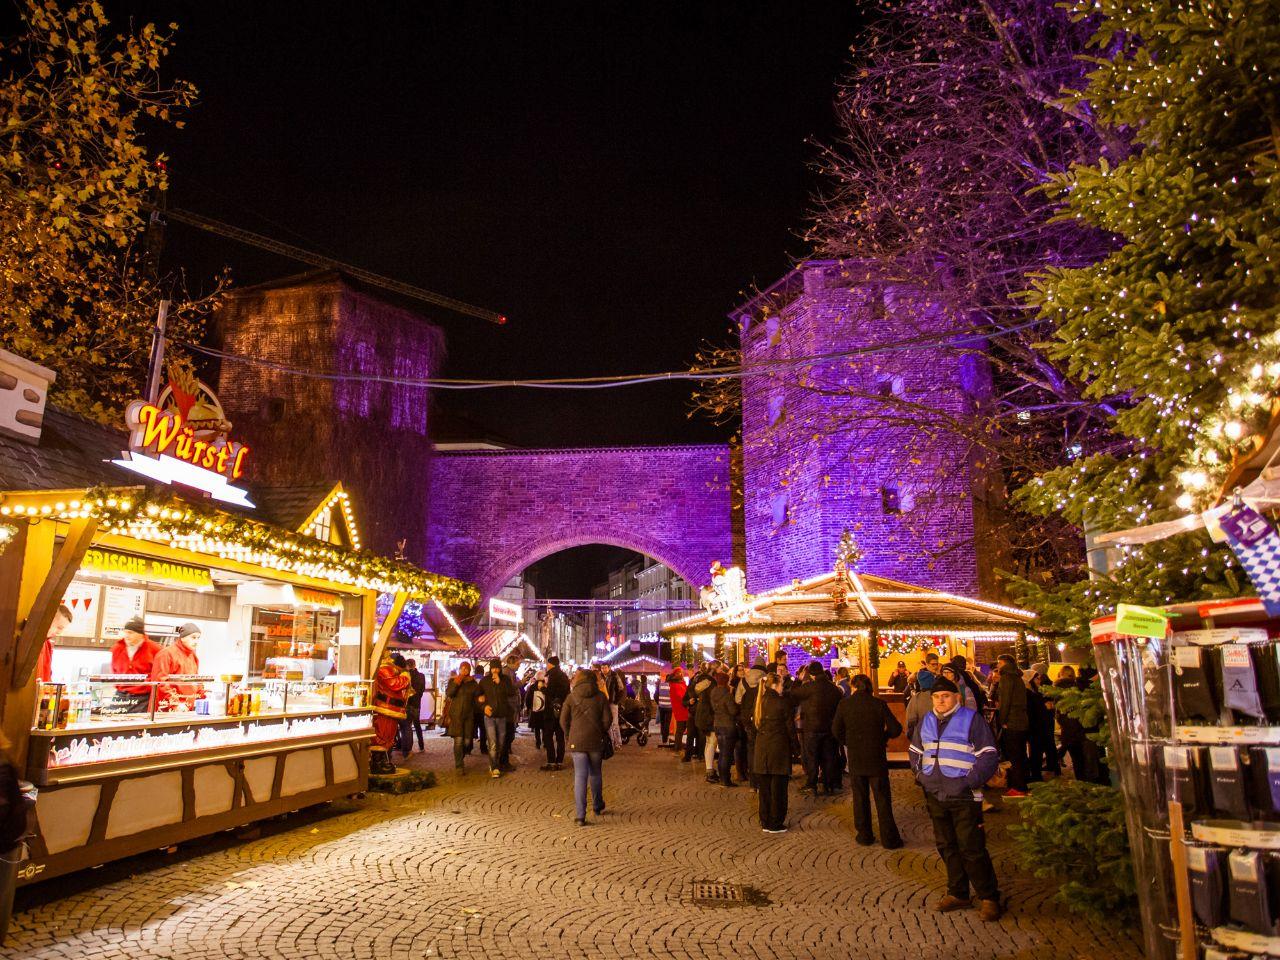 Wie Lange Hat Der Weihnachtsmarkt Auf.Weihnachtsmarkt Am Sendlinger Tor Christkindlmarkt München Im